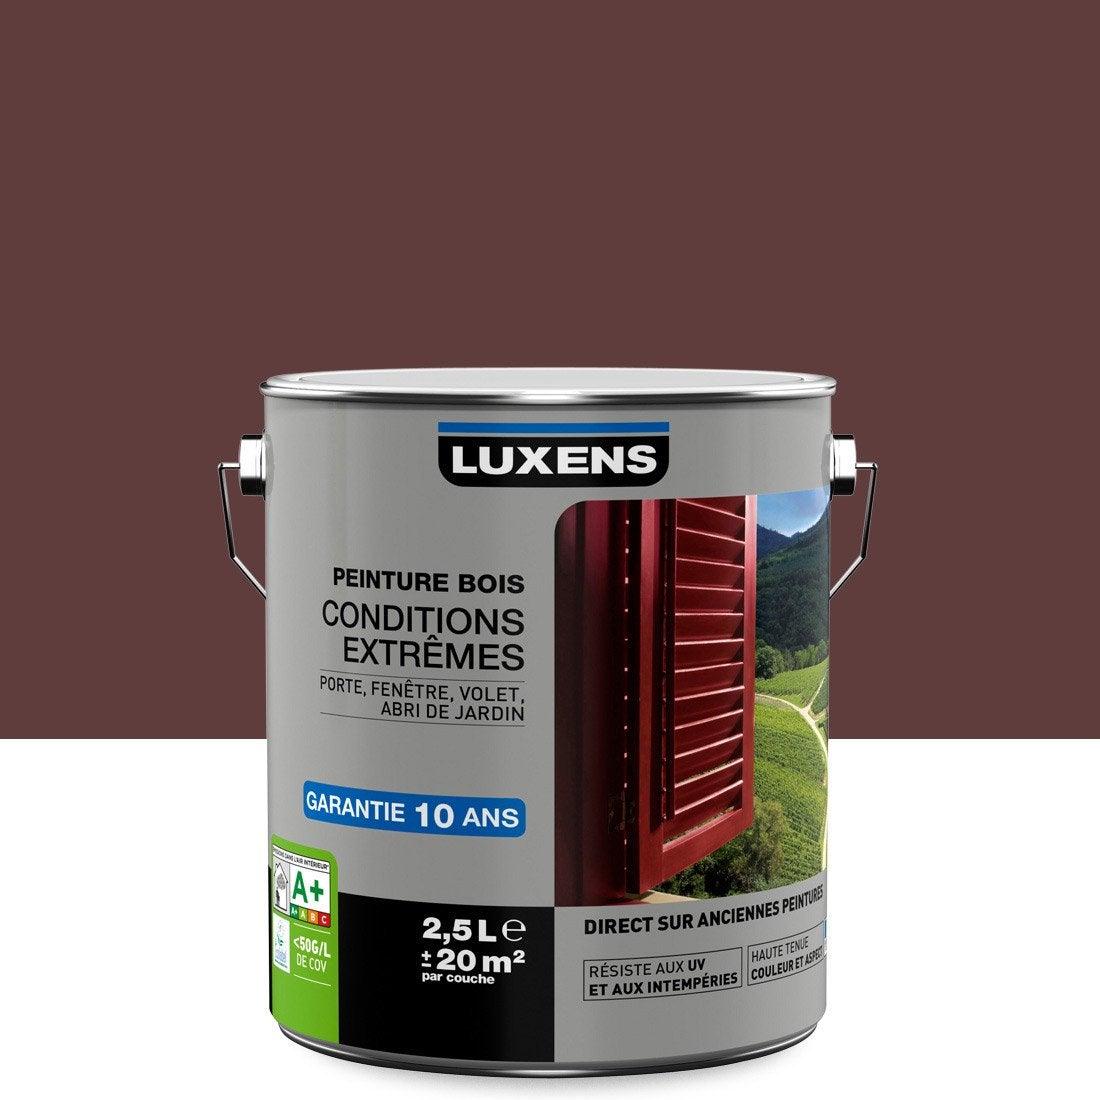 Superieur Peinture Bois Extérieur Conditions Extrêmes LUXENS, Rouge Basque, 2.5 L Bonnes Idees